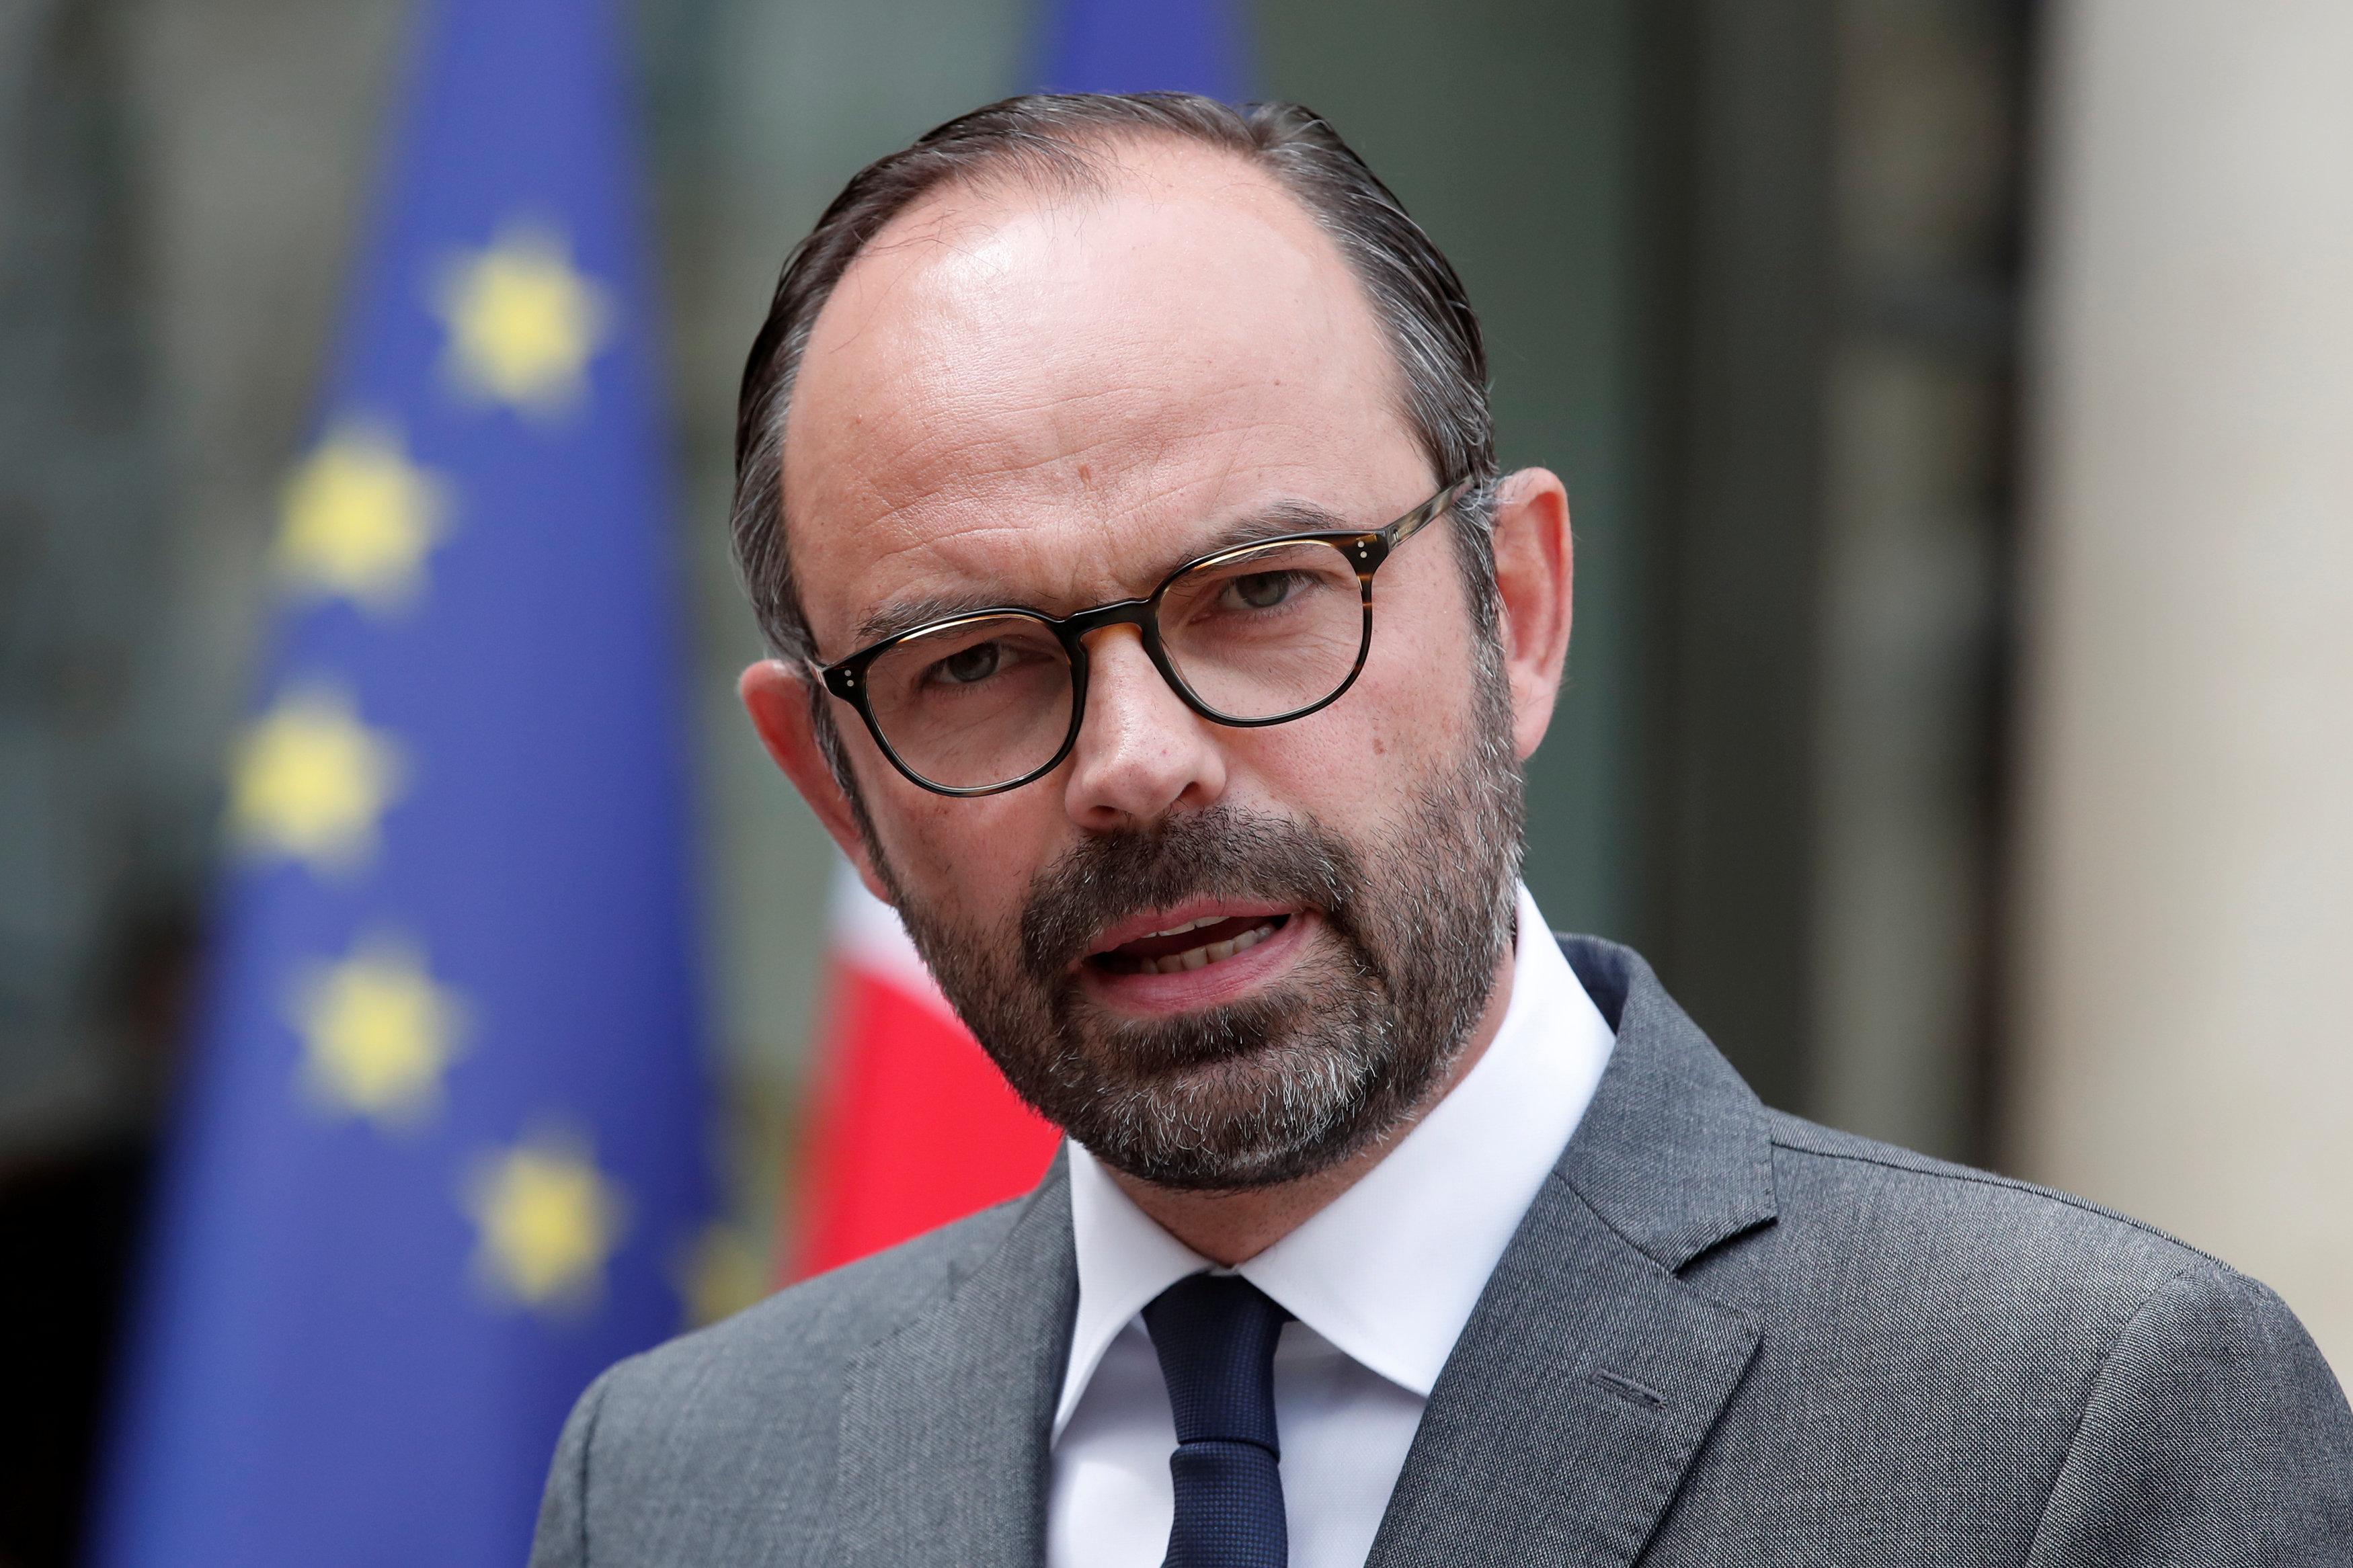 فرنسا تعد تدابير أمنية استثنائية قبل تظاهرات السبت المقبل